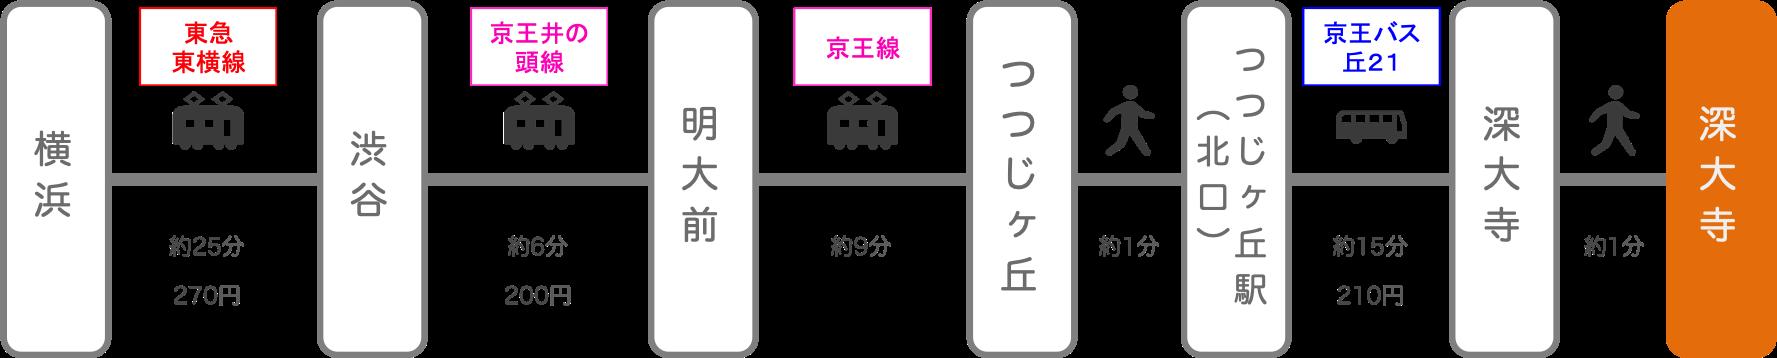 深大寺_横浜(神奈川)_電車